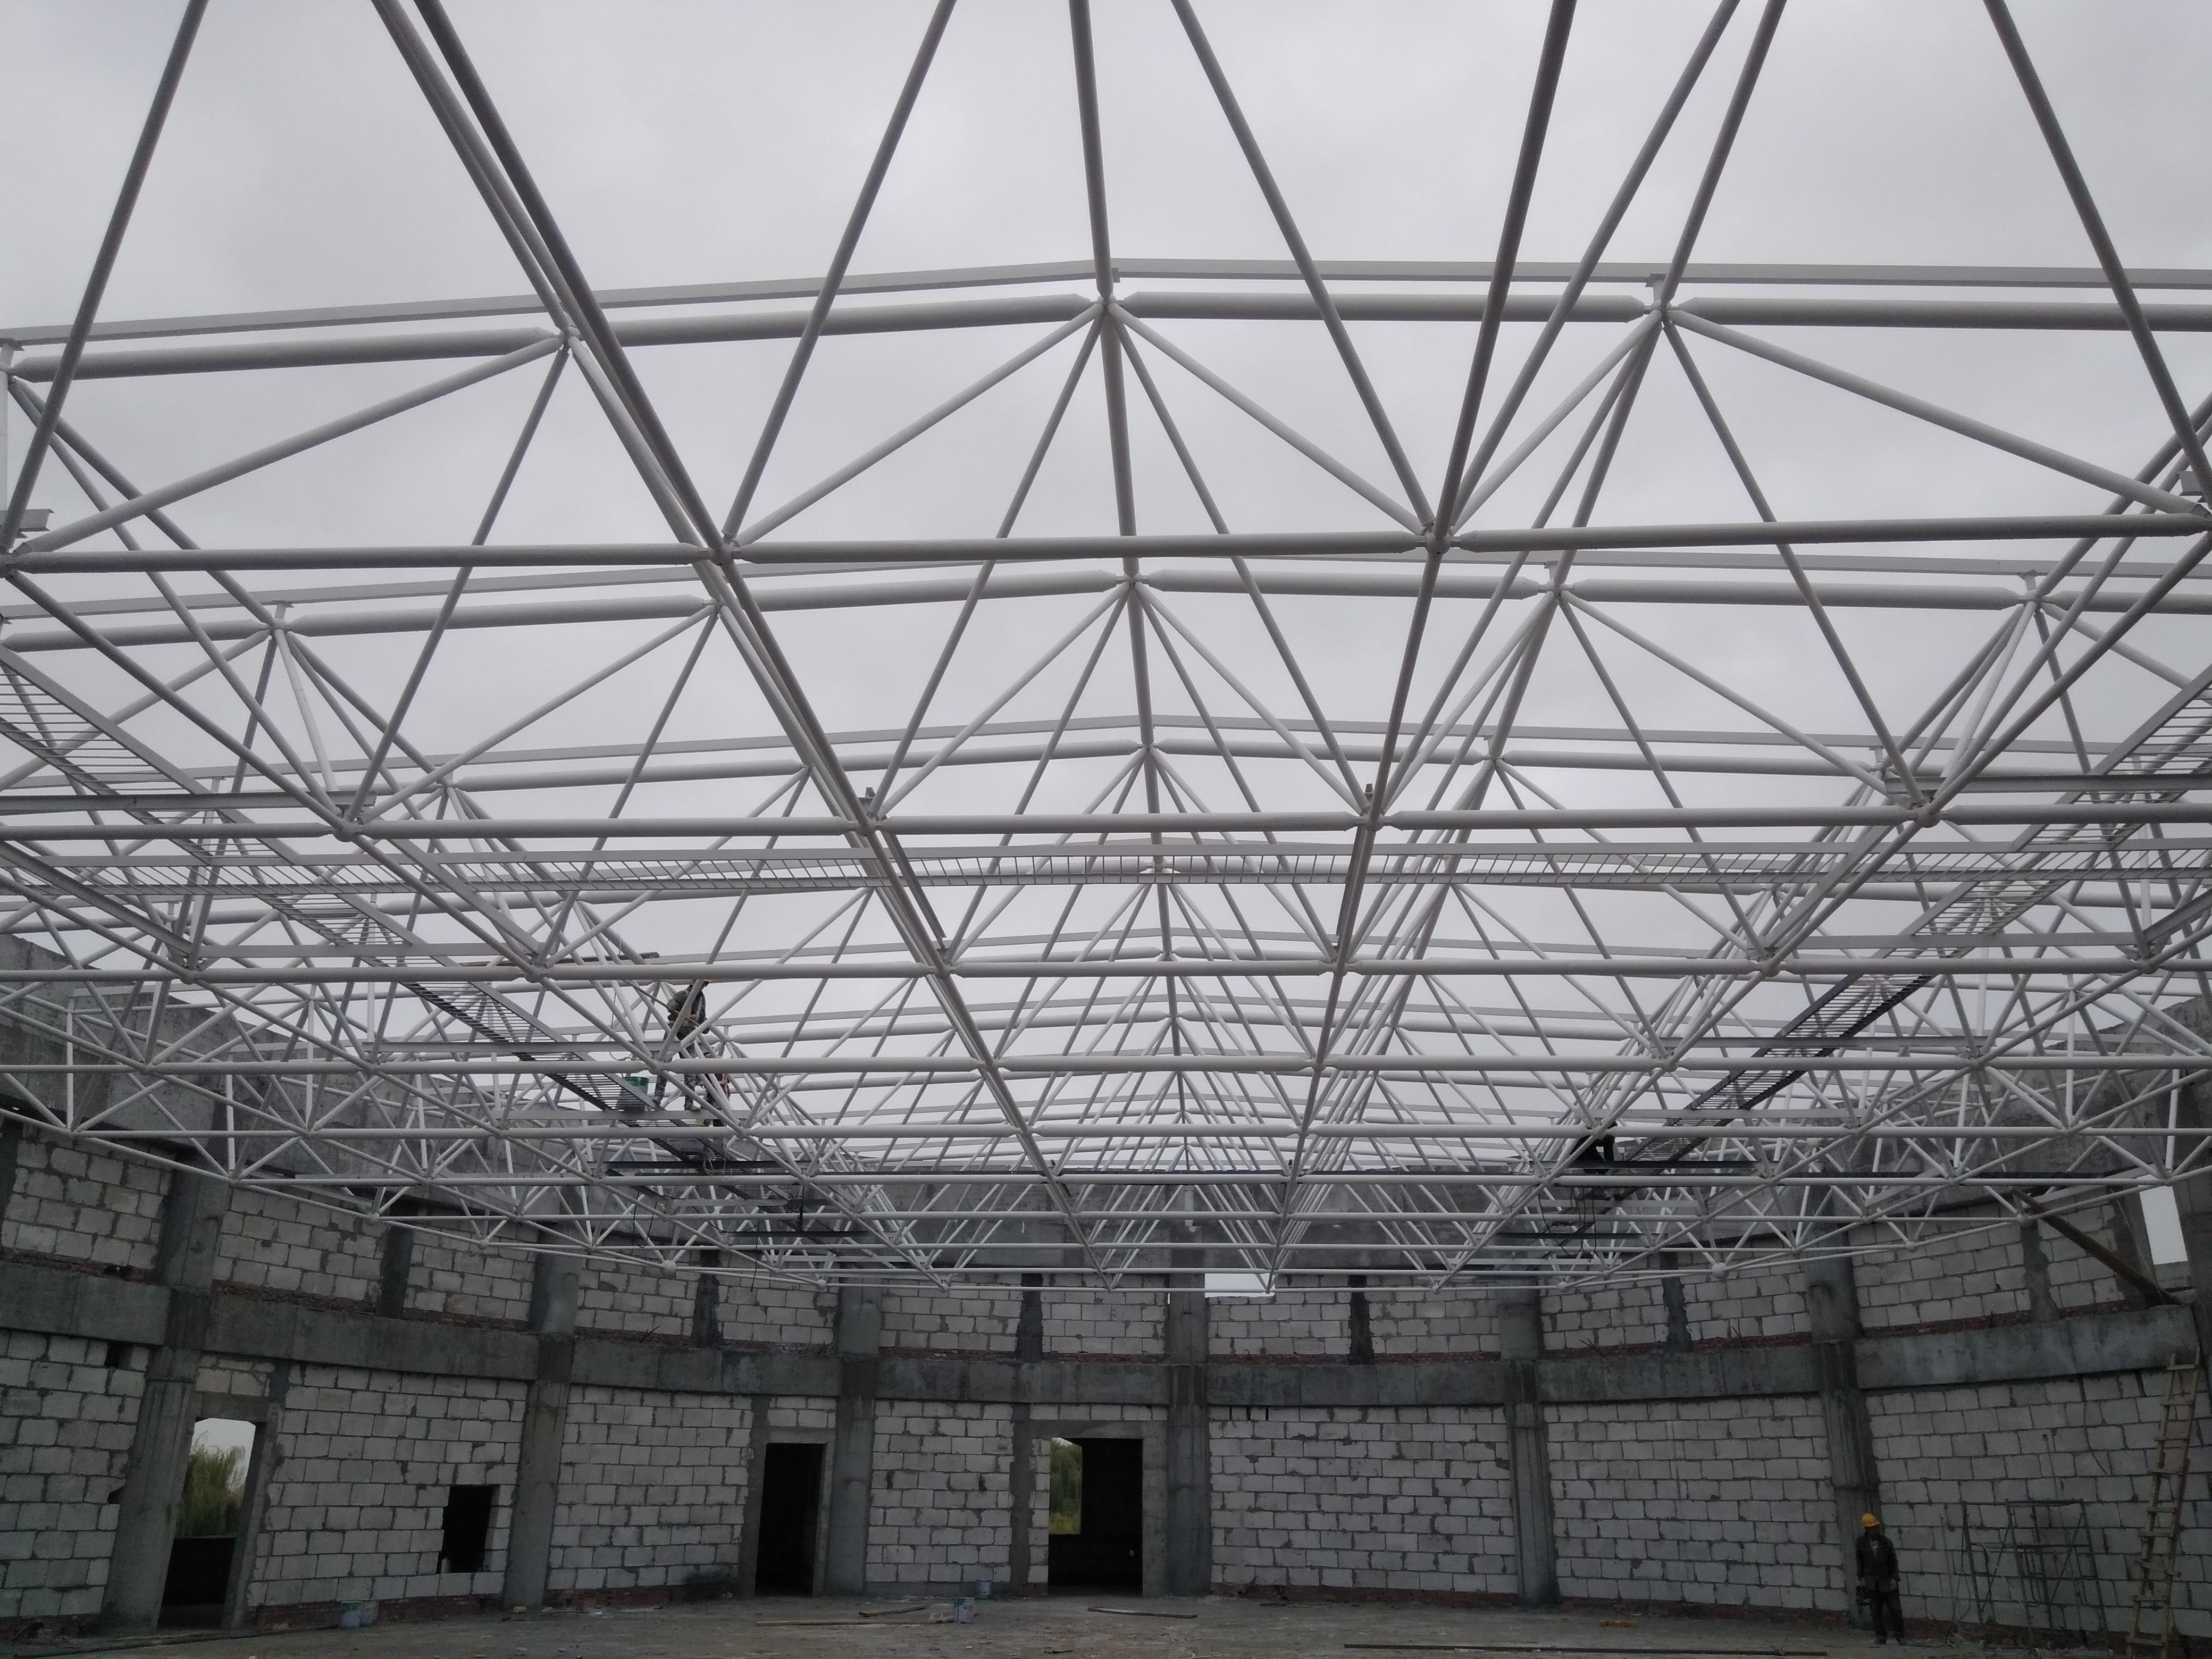 新疆乌鲁木齐钢结构网架管桁架加工厂喀什网架生产厂家和田网架铝镁锰板金属屋面